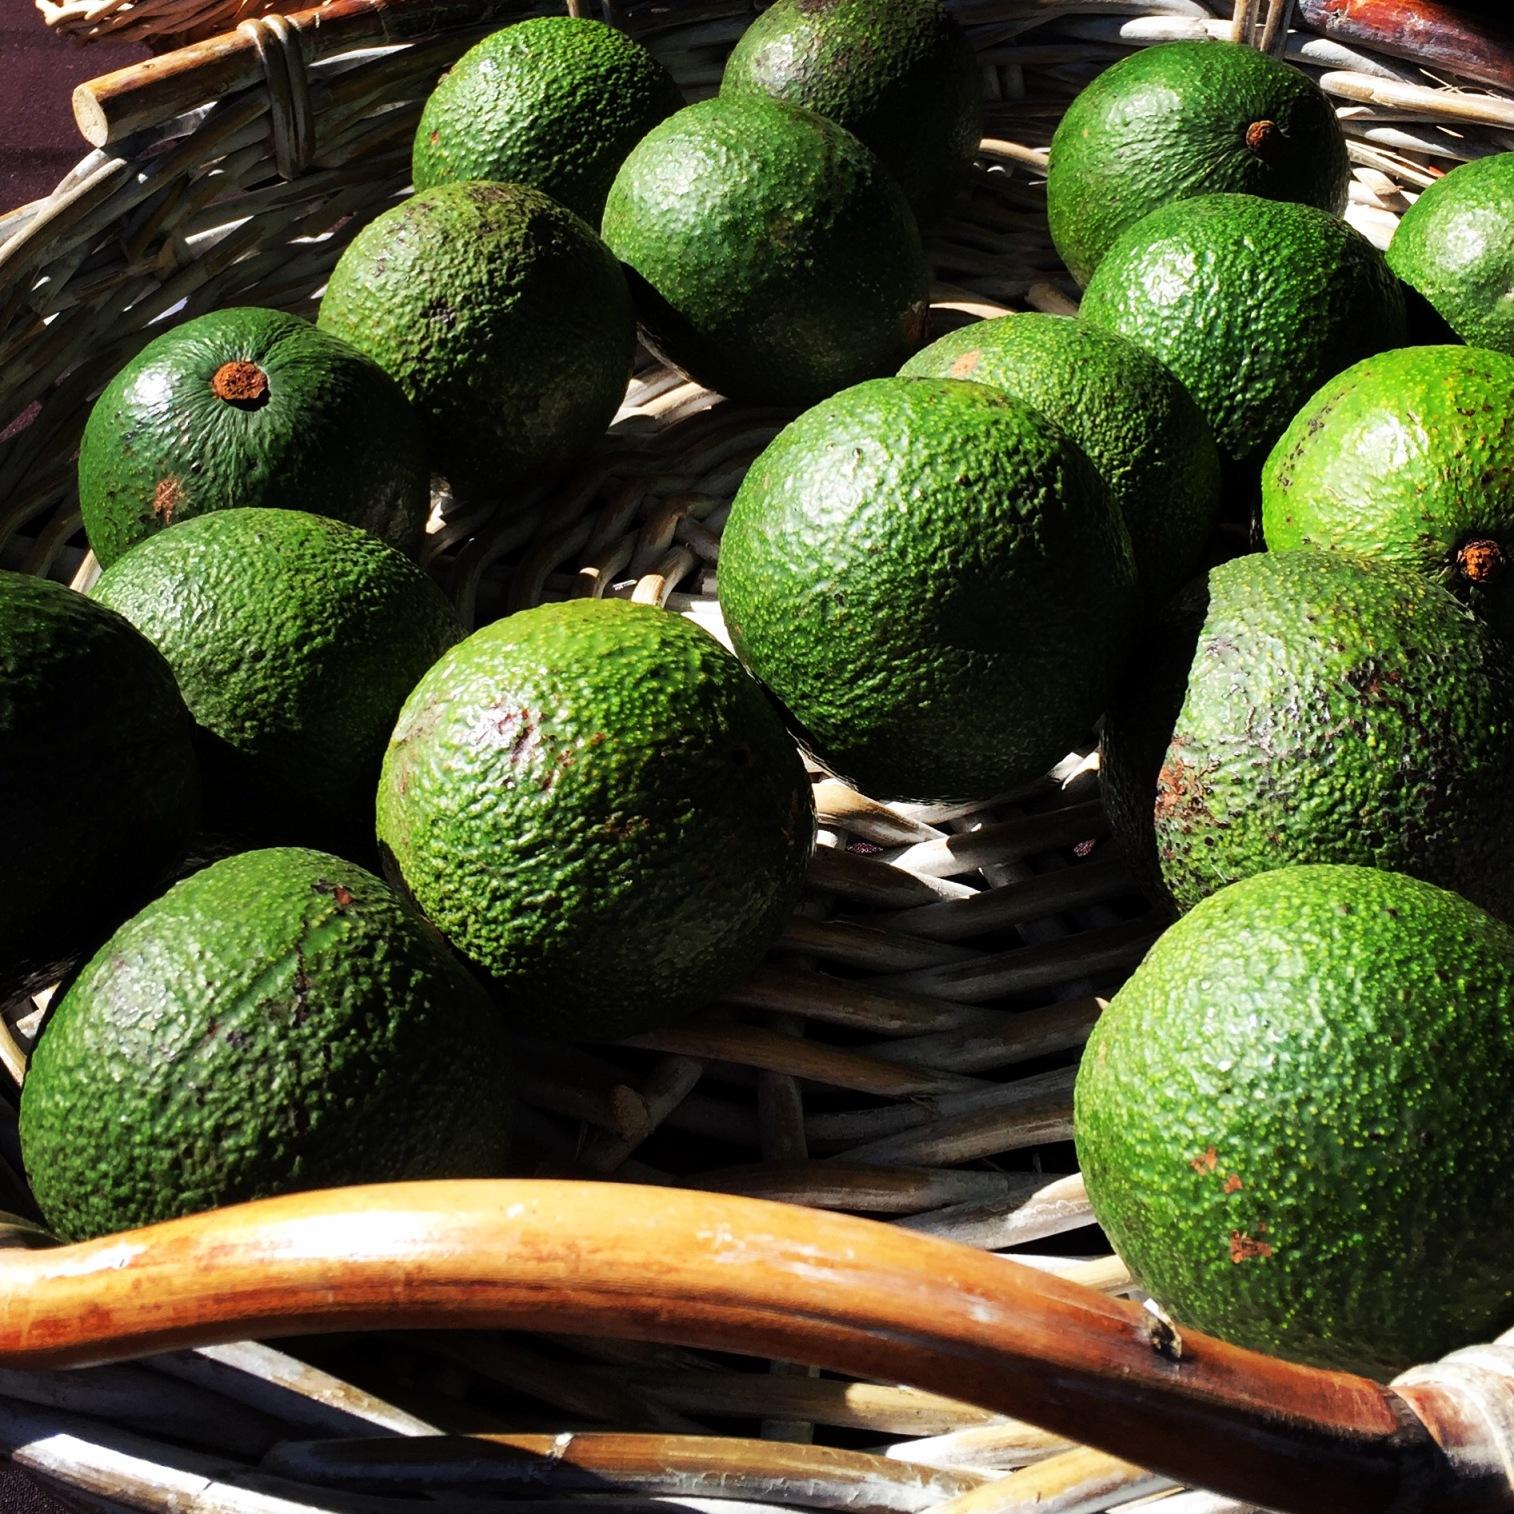 Local avocados of course